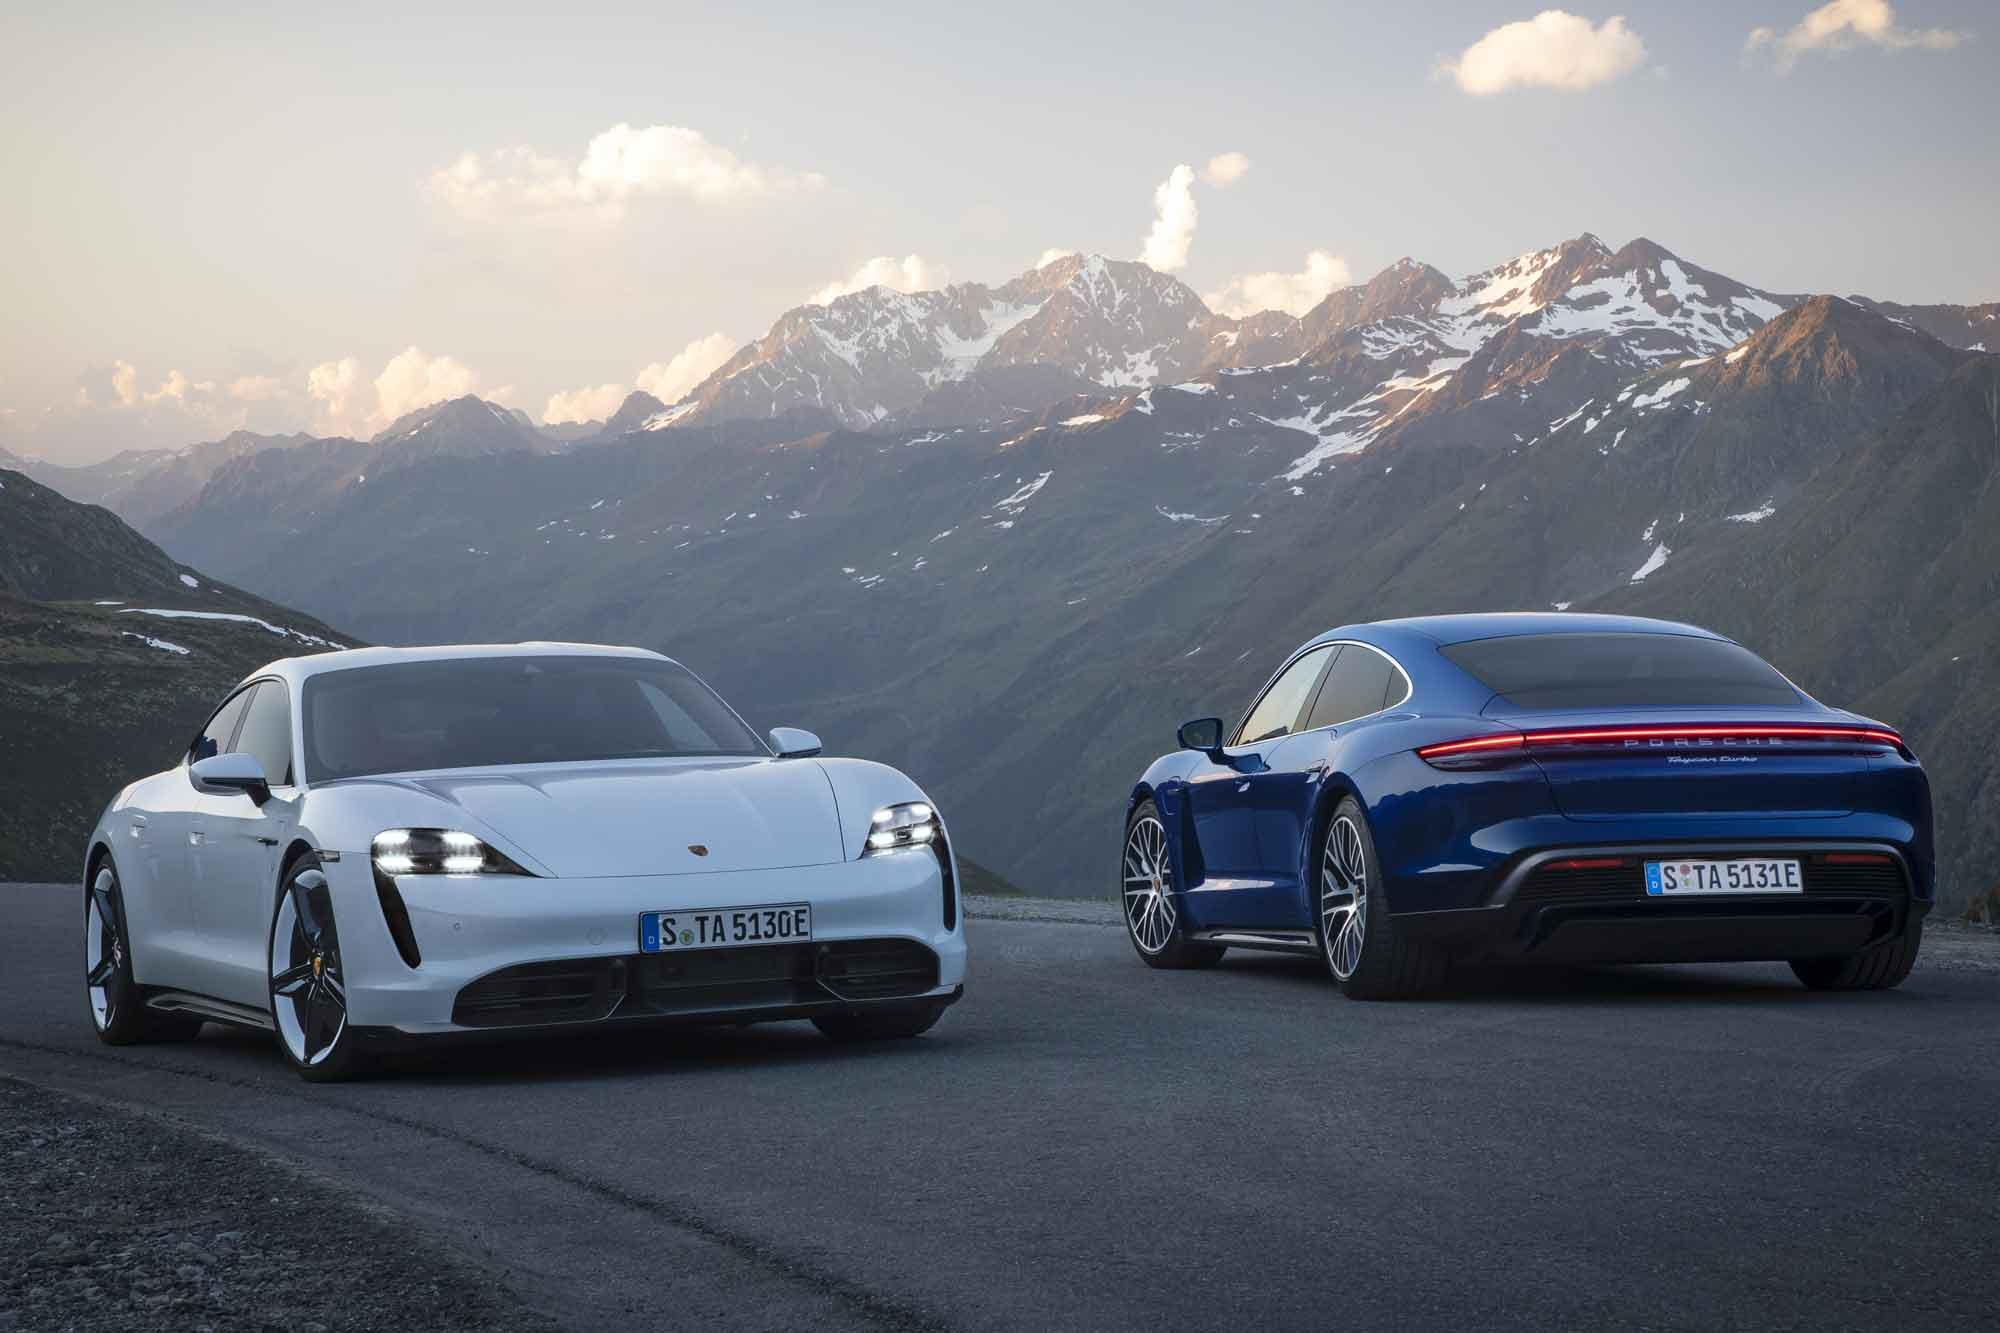 Nuova Porsche Taycan elettrica